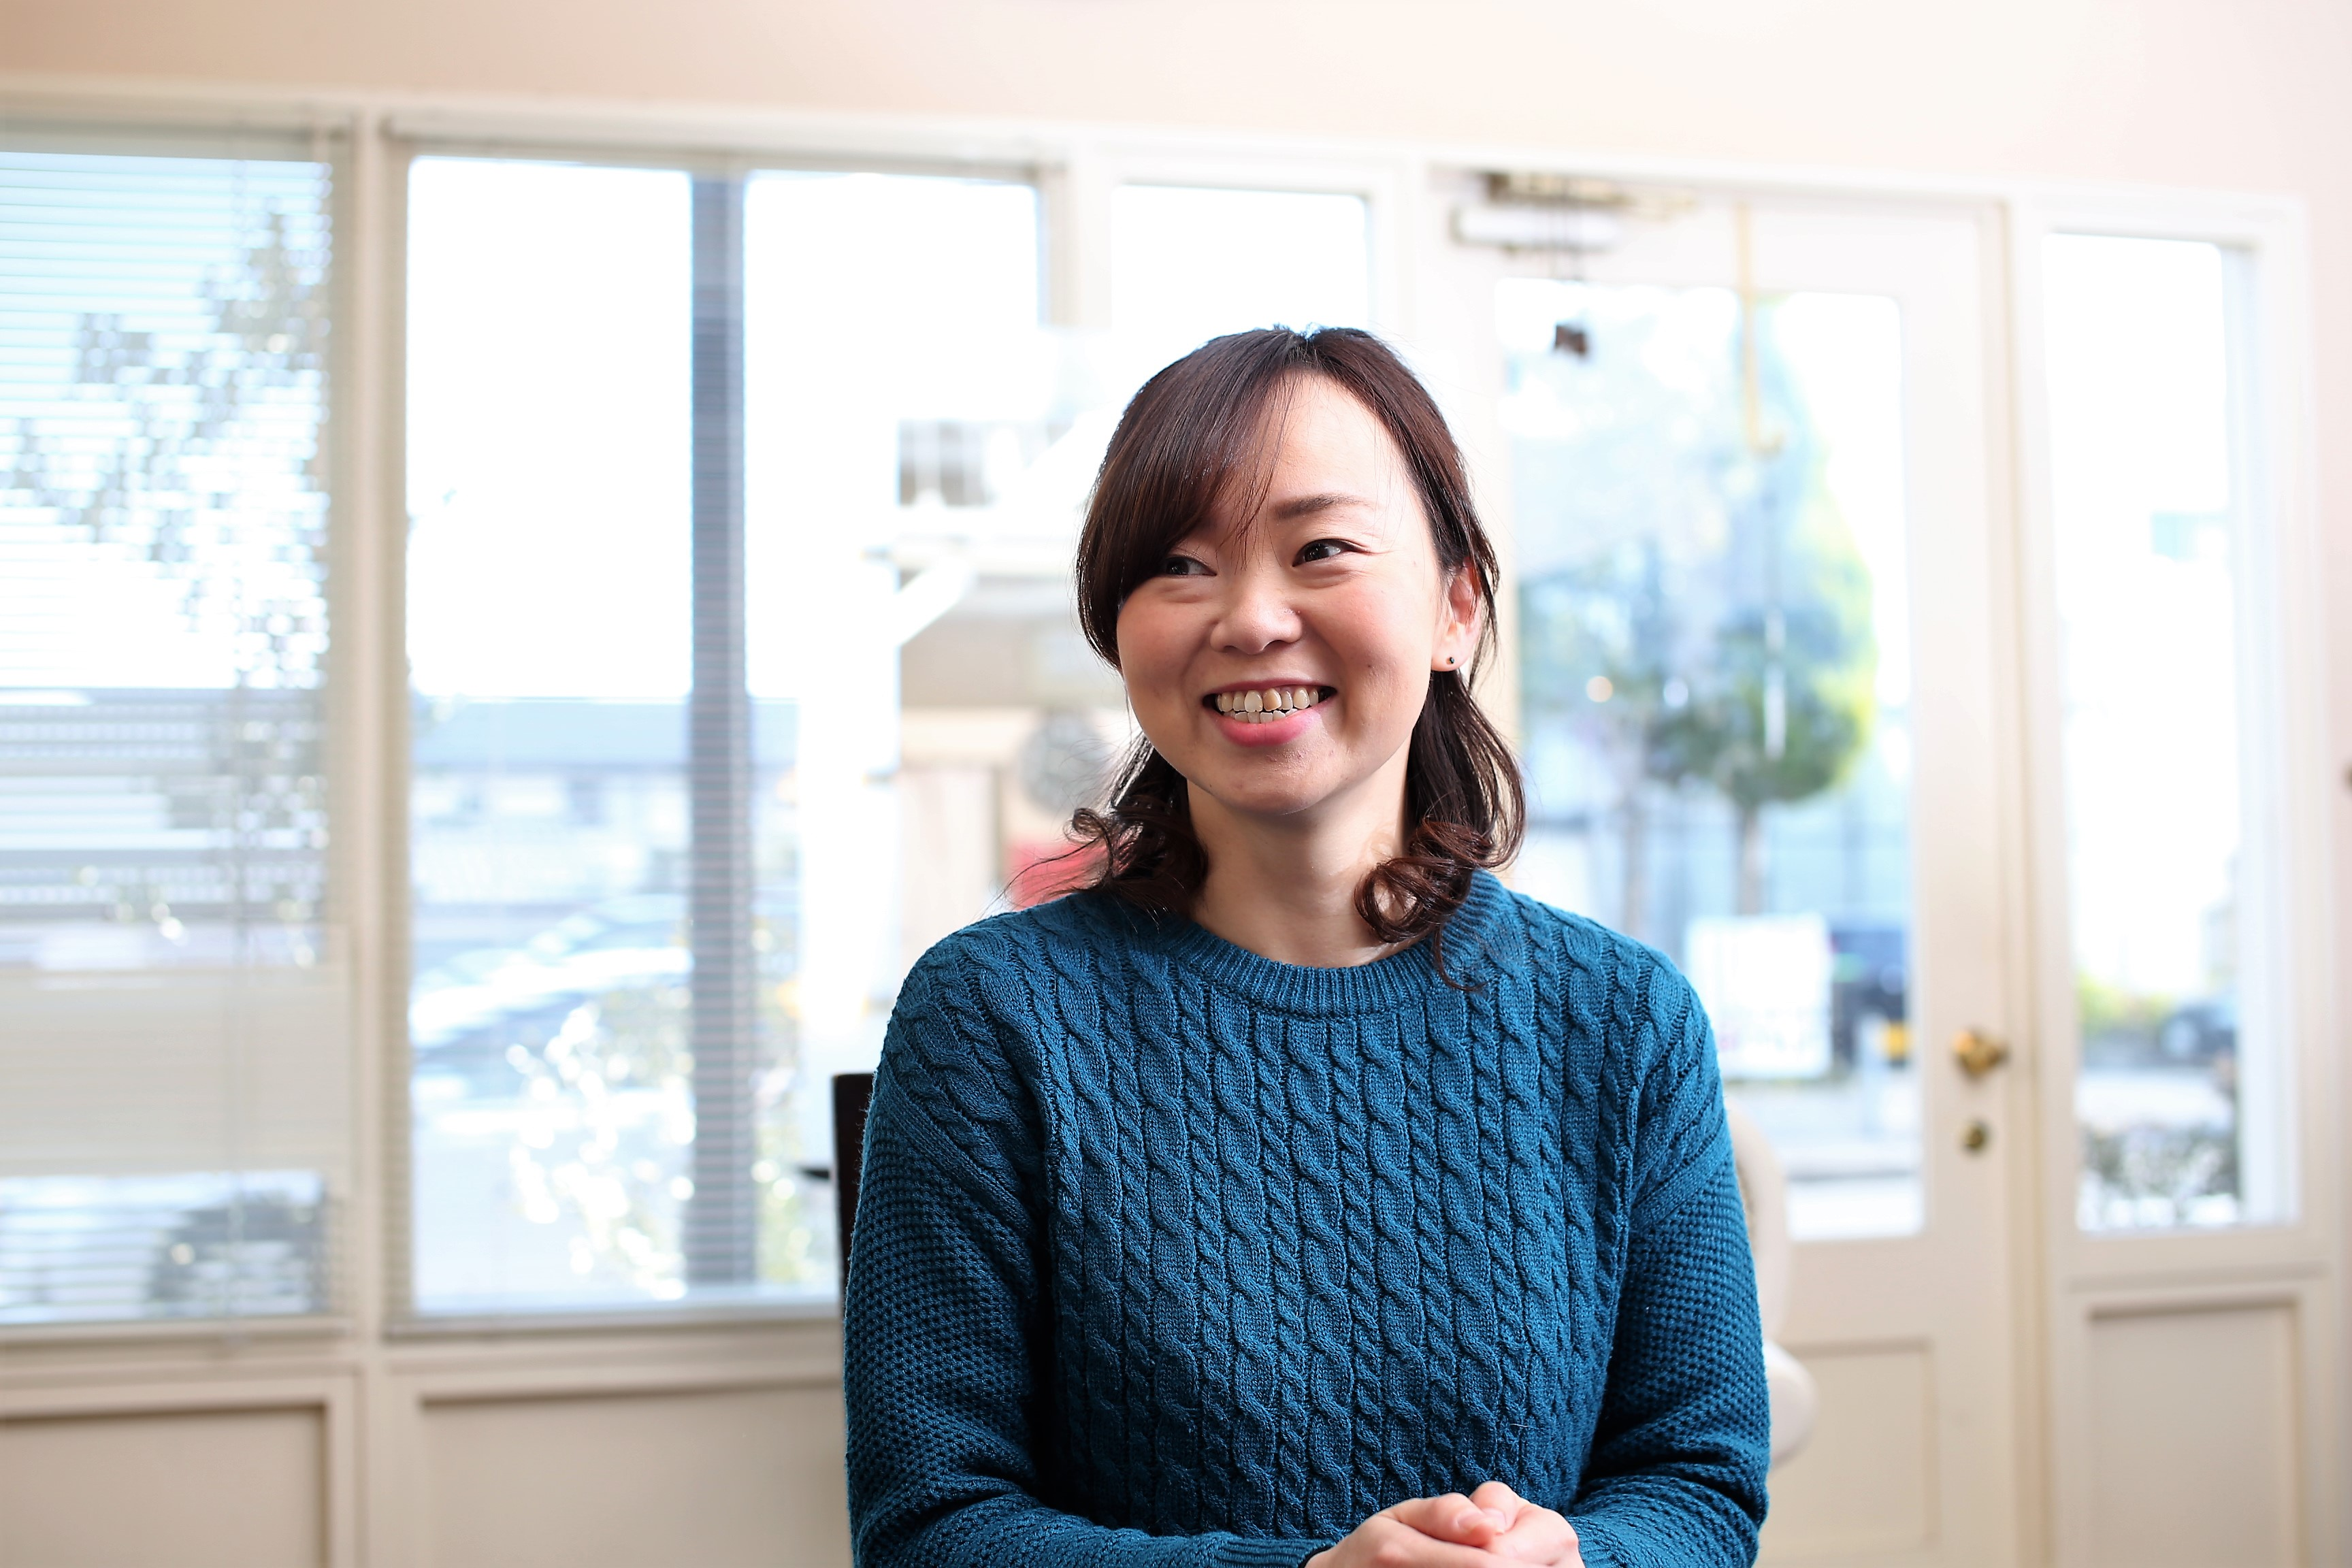 10年のブランクを経て4年前に美容師復帰した吉川小百合さんは、6歳、7歳、10歳の3姉妹を育てるママ。子どもの体調が悪い時には子連れ出勤し、キッズスペースを利用している